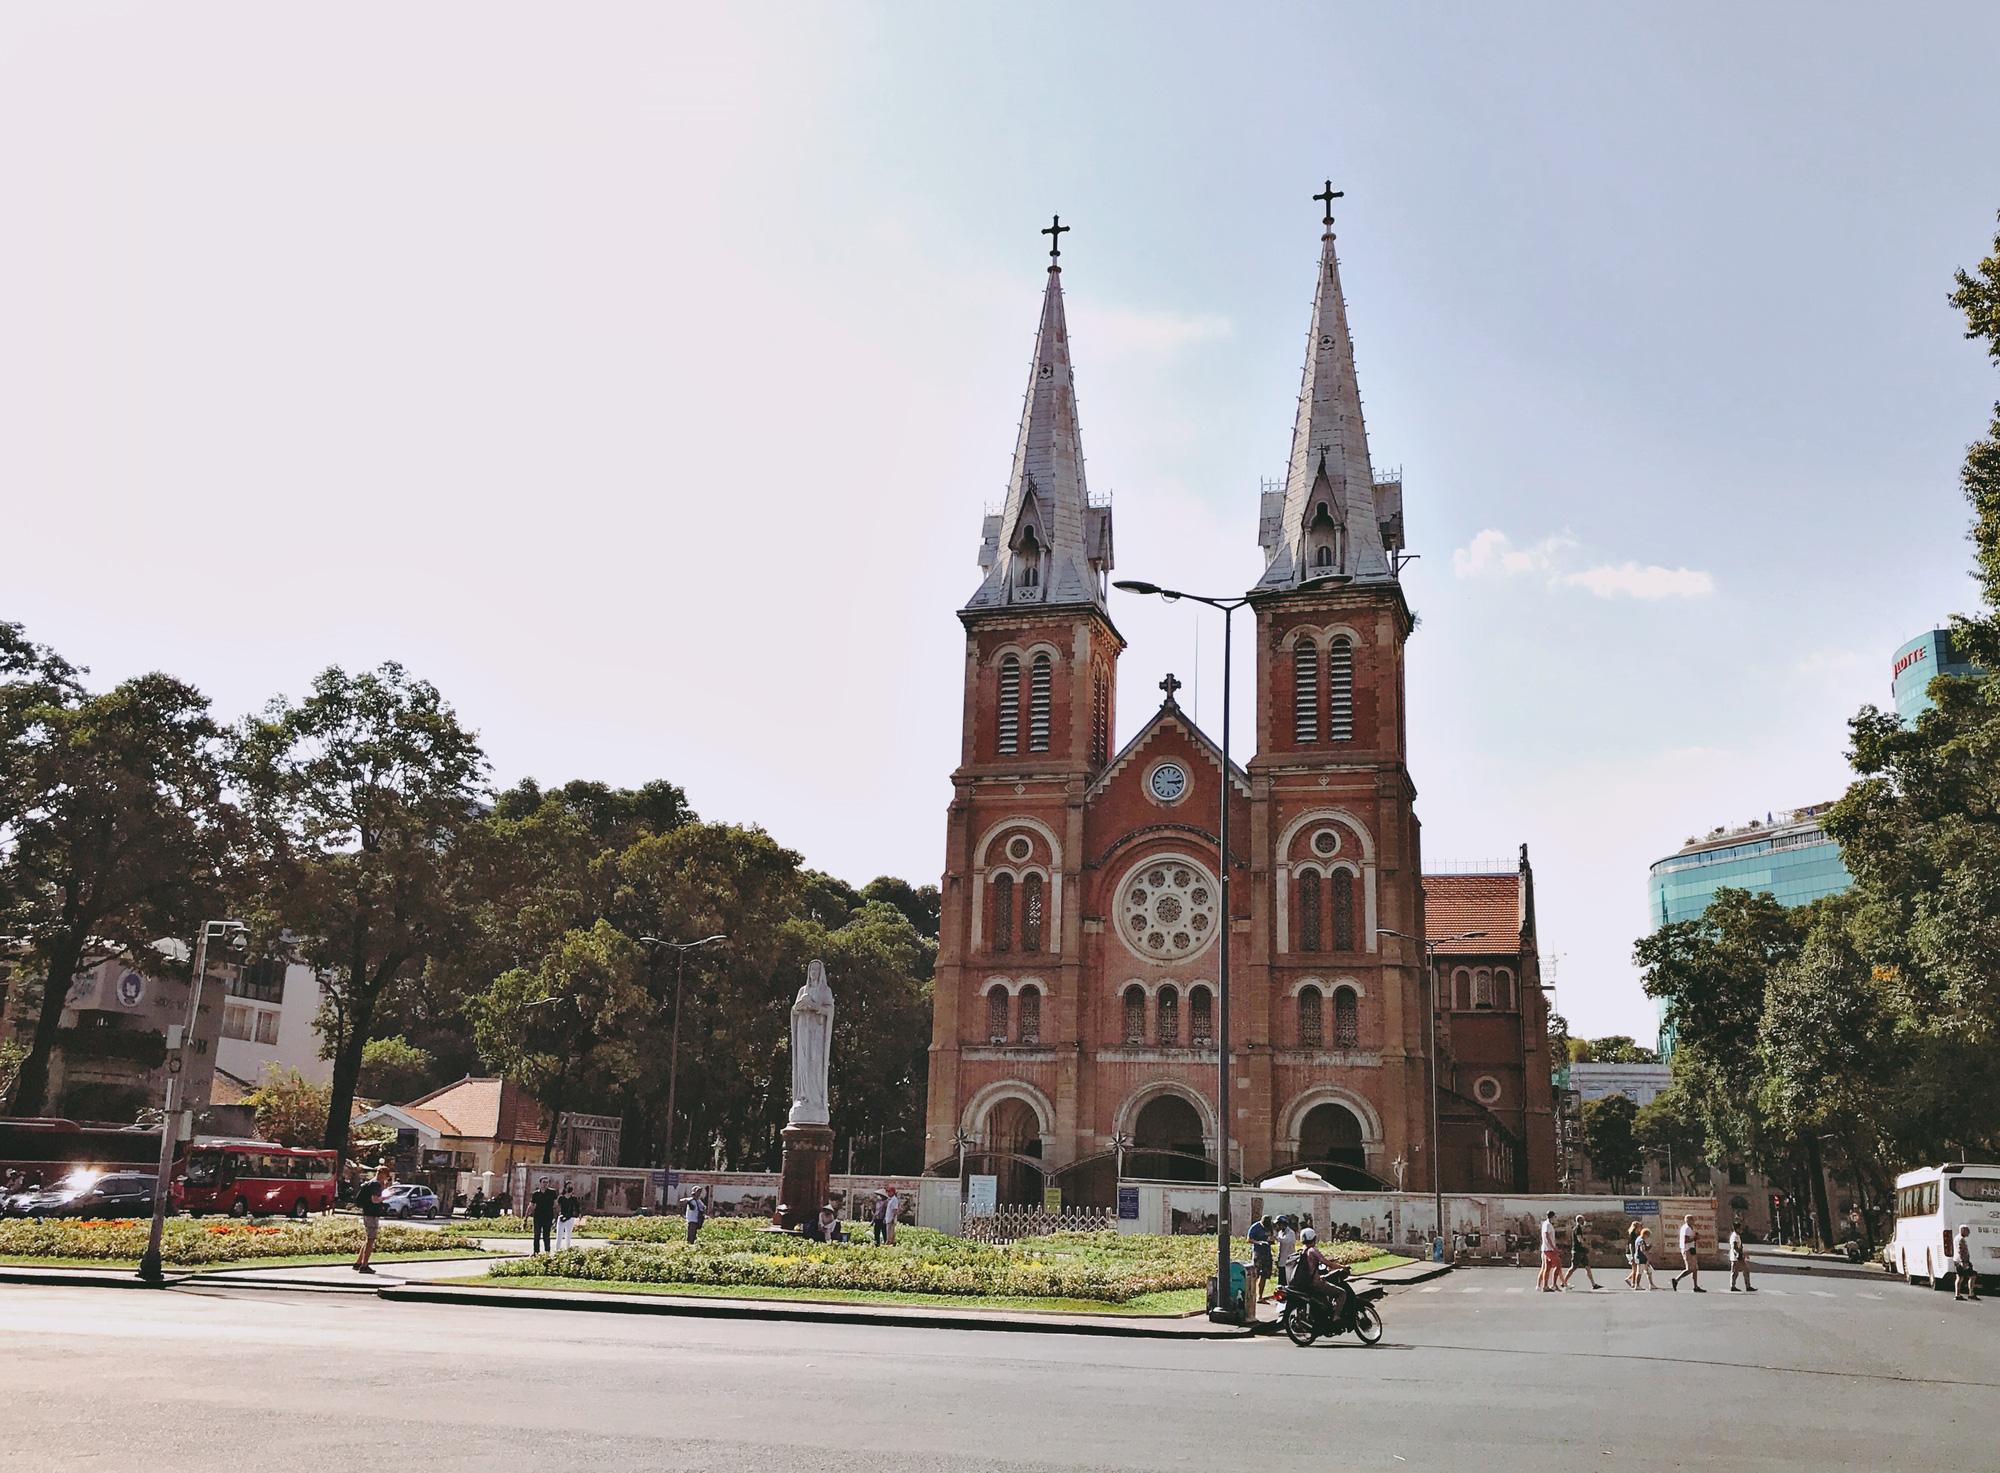 Liên tiếp xuất hiện ca nhiễm Covid-19, đường Sài Gòn vắng tanh, Vincom Đồng Khởi không một bóng người - Ảnh 4.